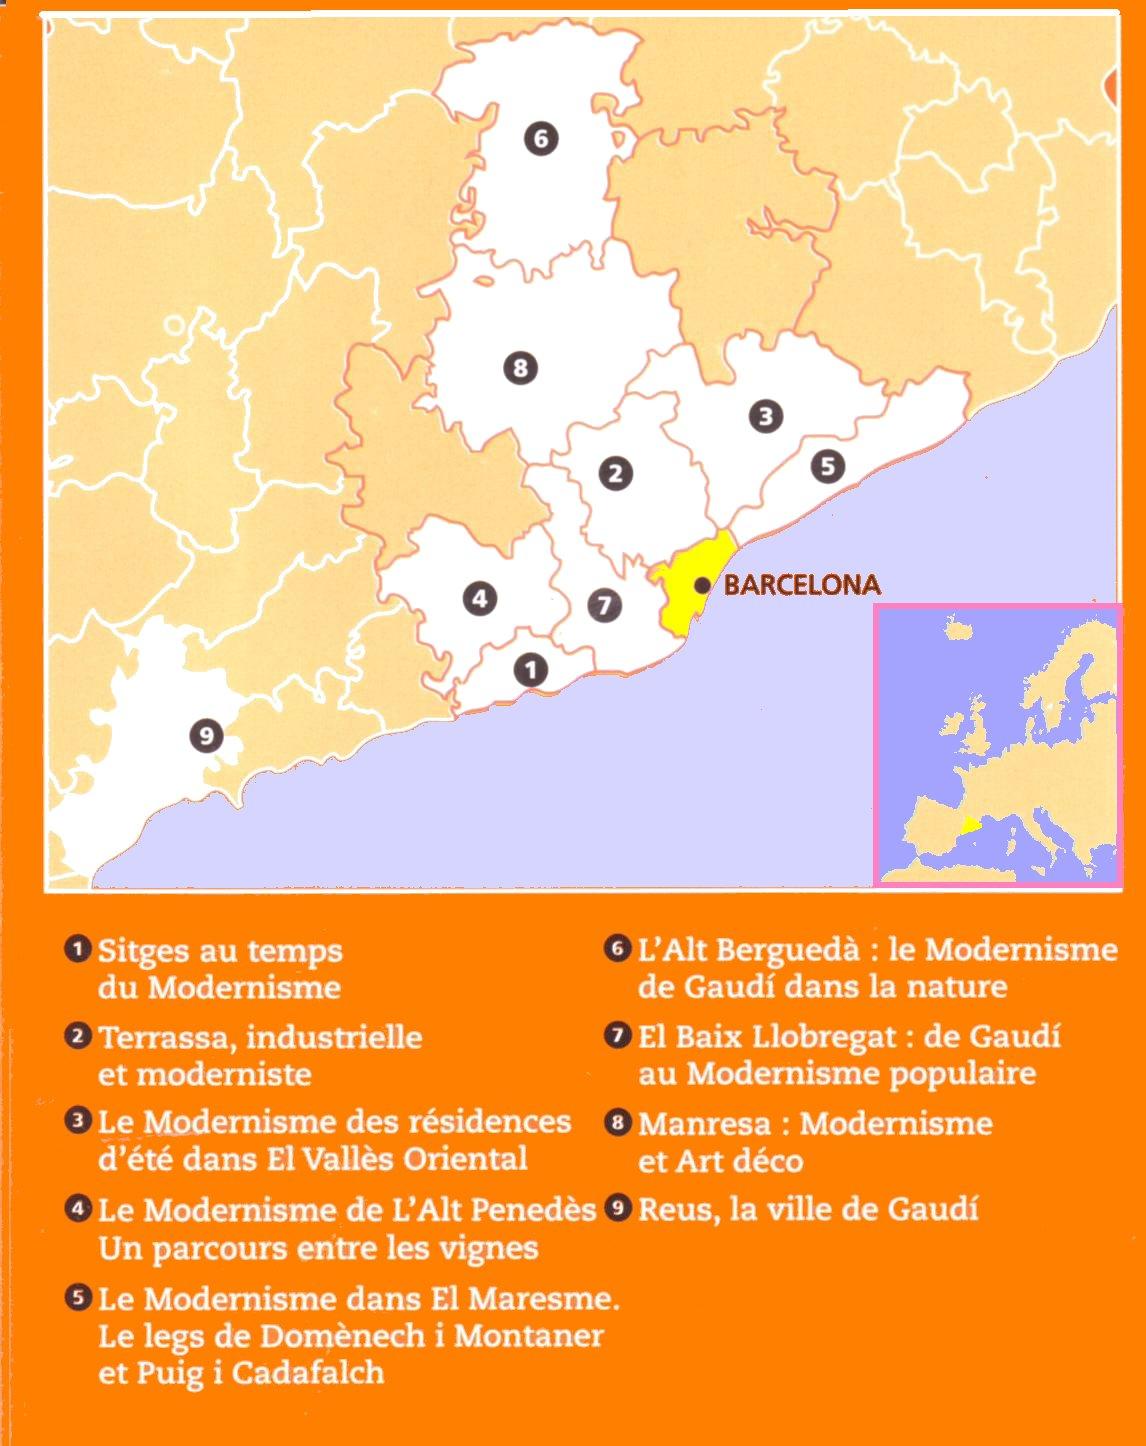 Alain lacour 9 destinations modernistes en catalogne non loin de barcelone - Office de tourisme sitges ...